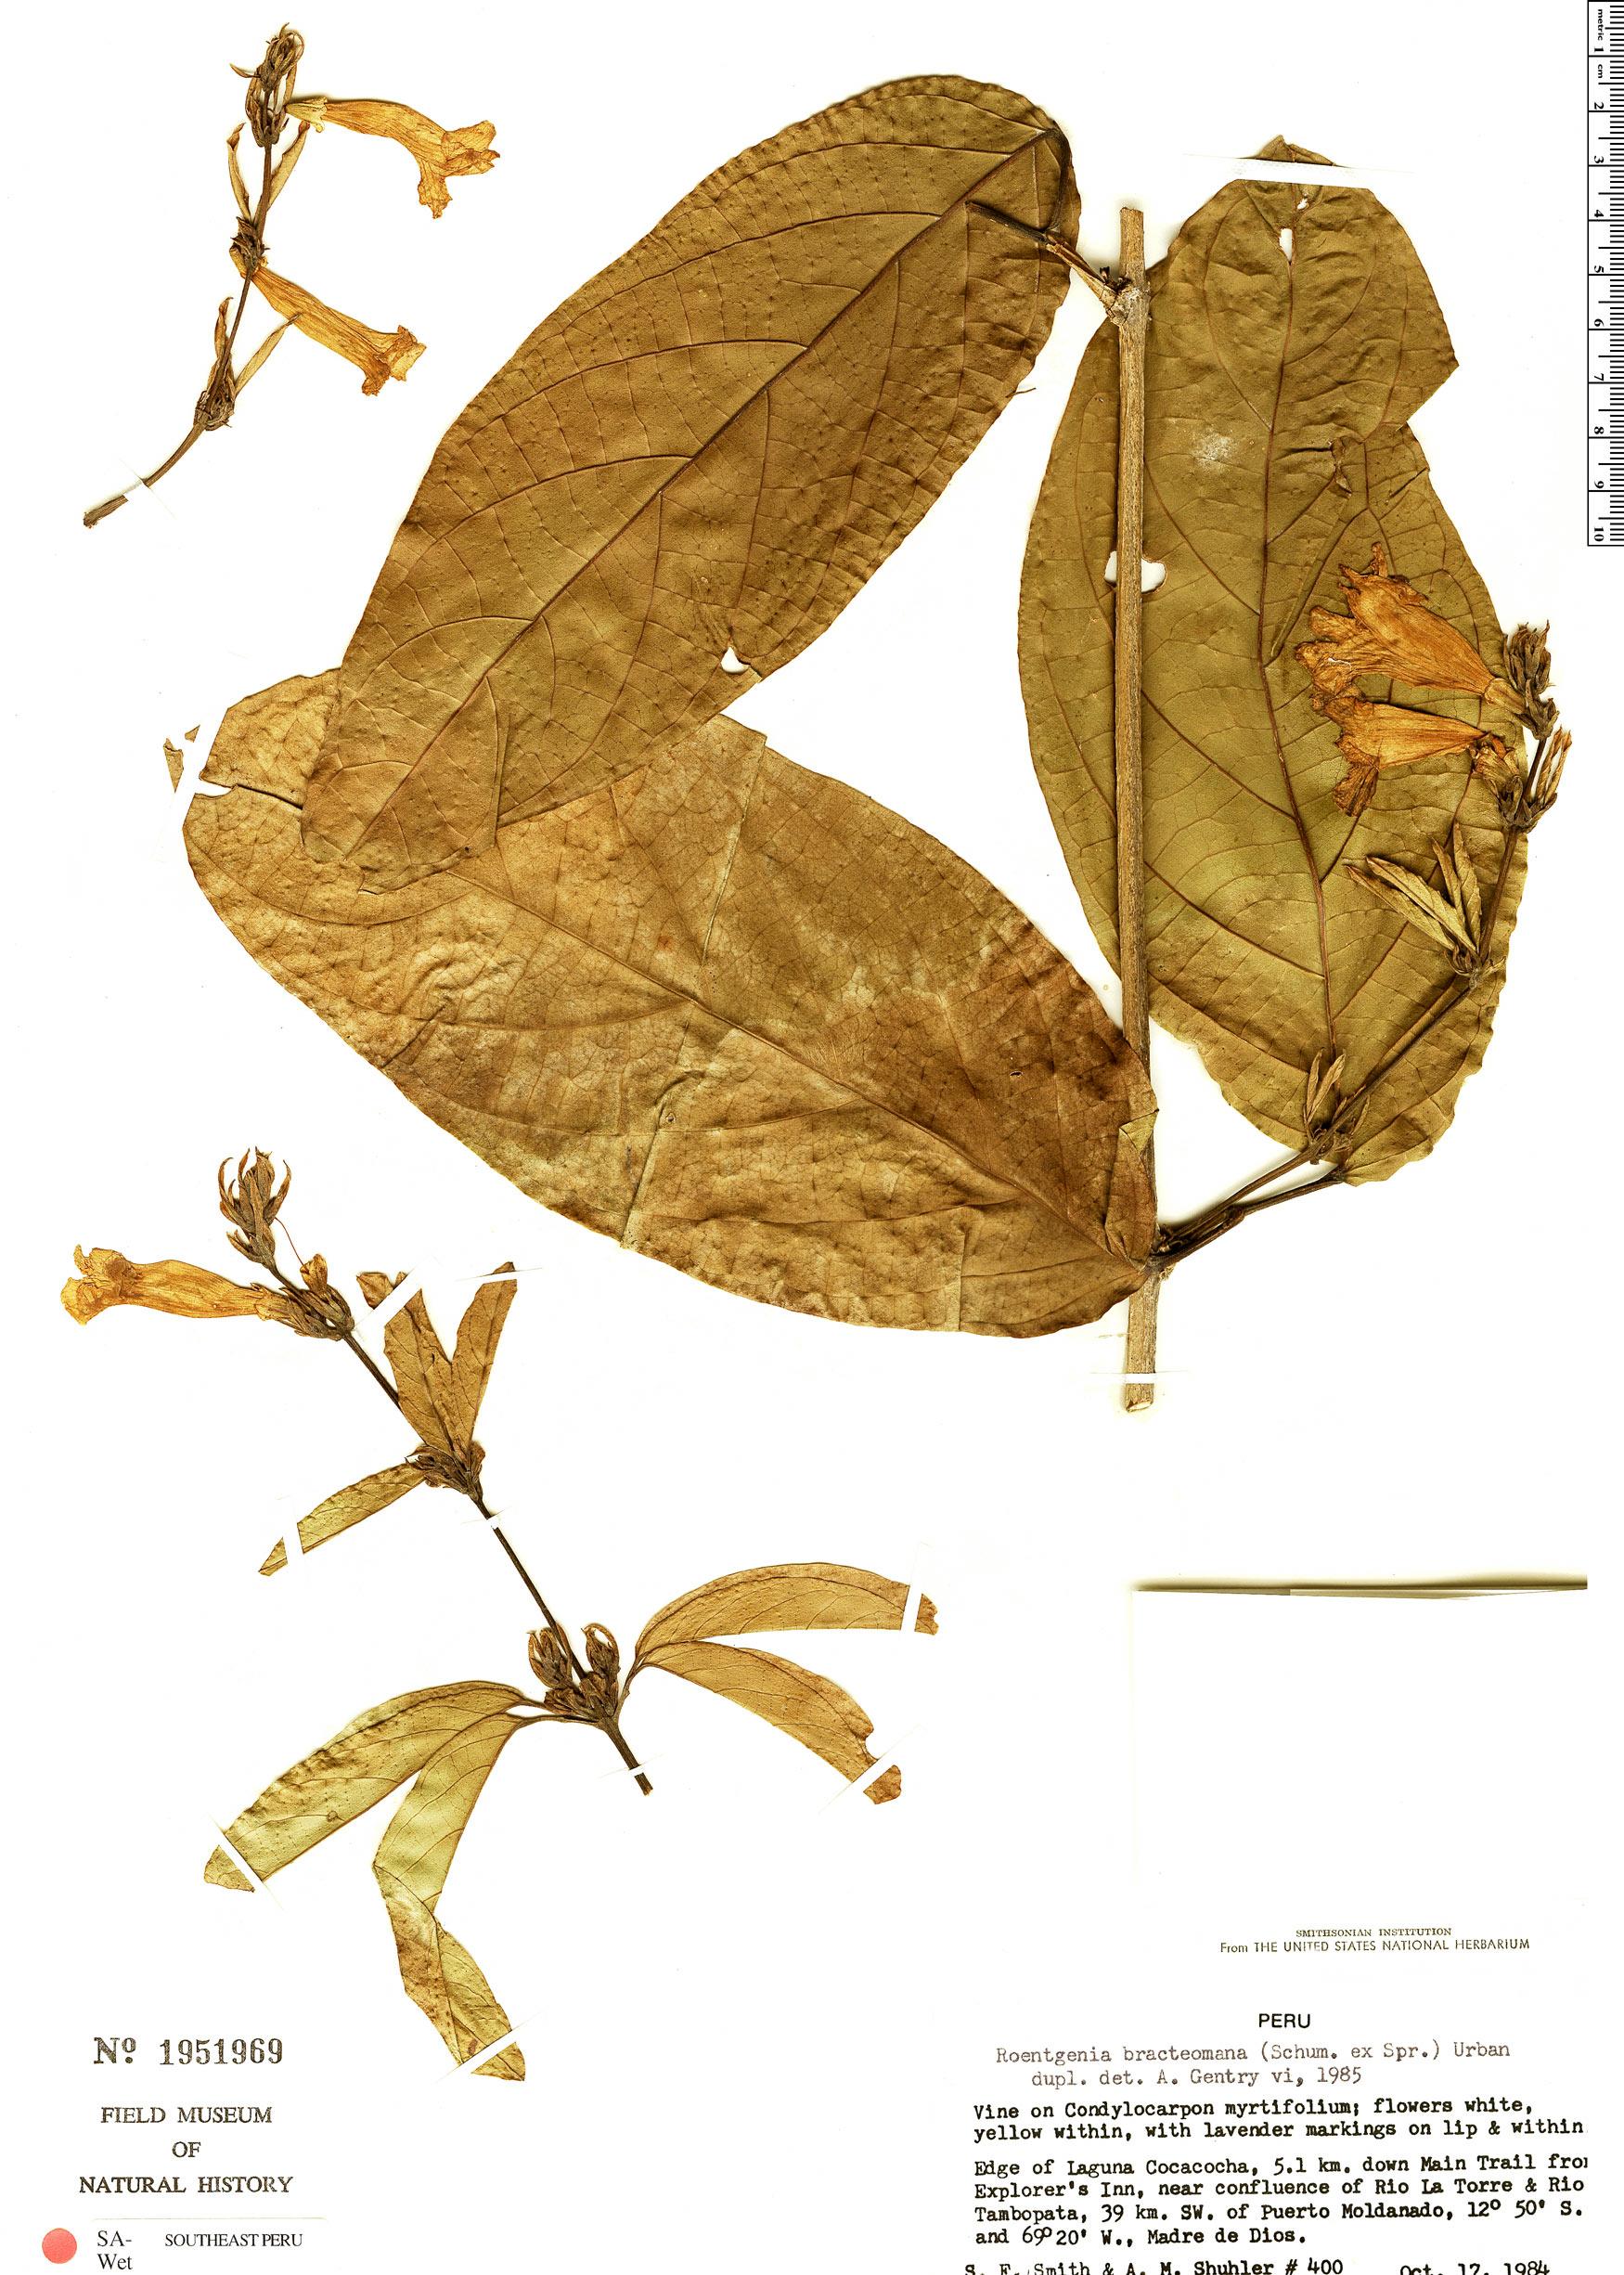 Specimen: Bignonia bracteomana